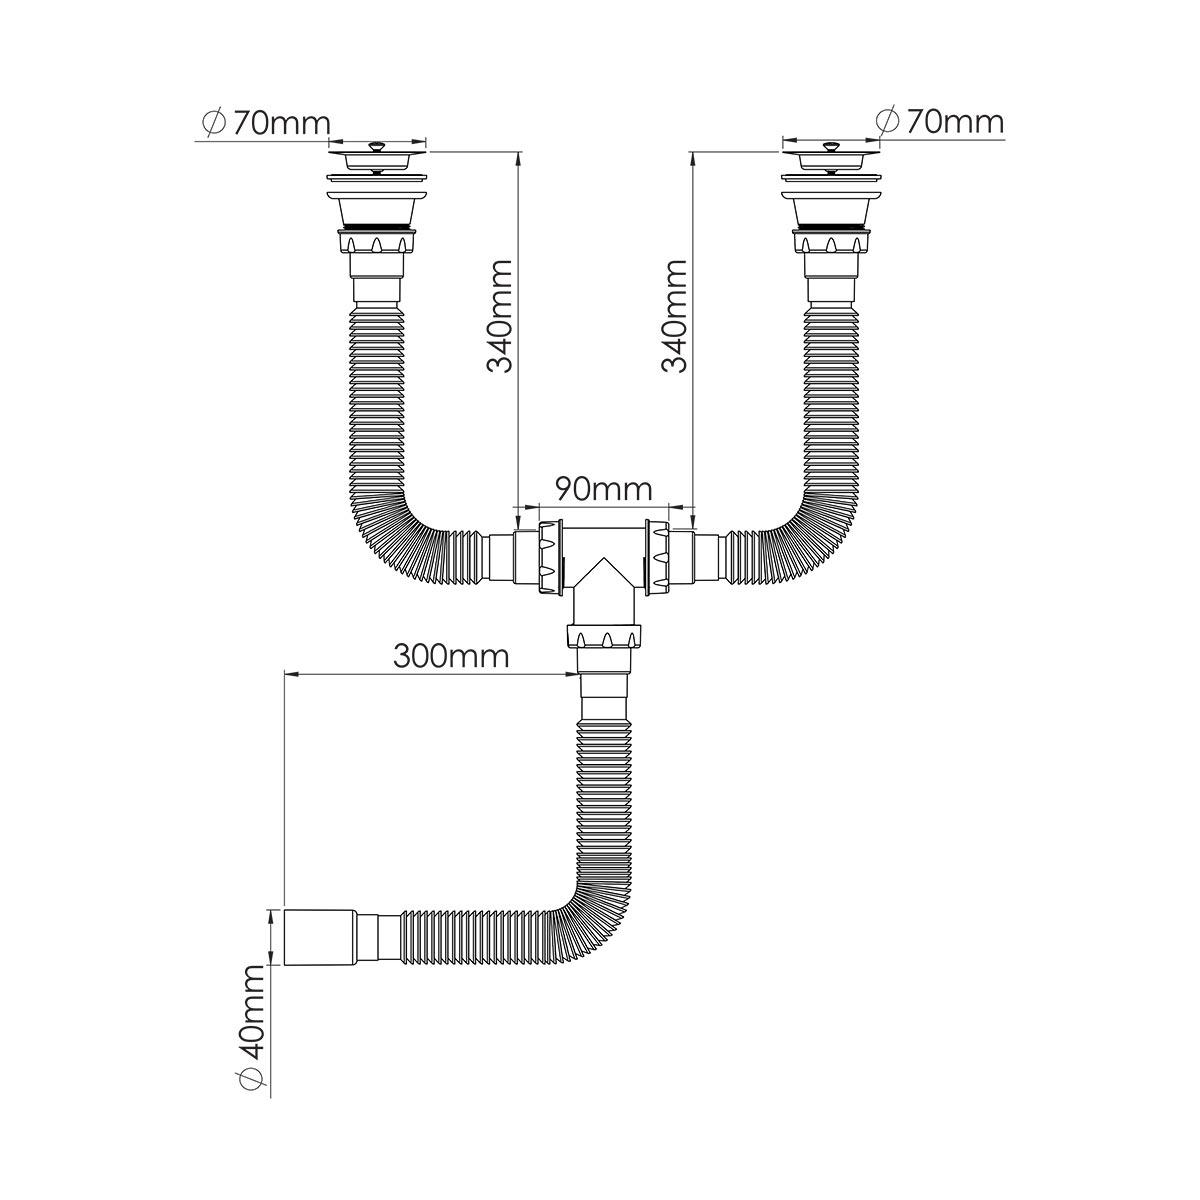 Çift Gözlü Körüklü Sifon,  1 ½ – Ø40, 304 kalite 70mm Süzgeç